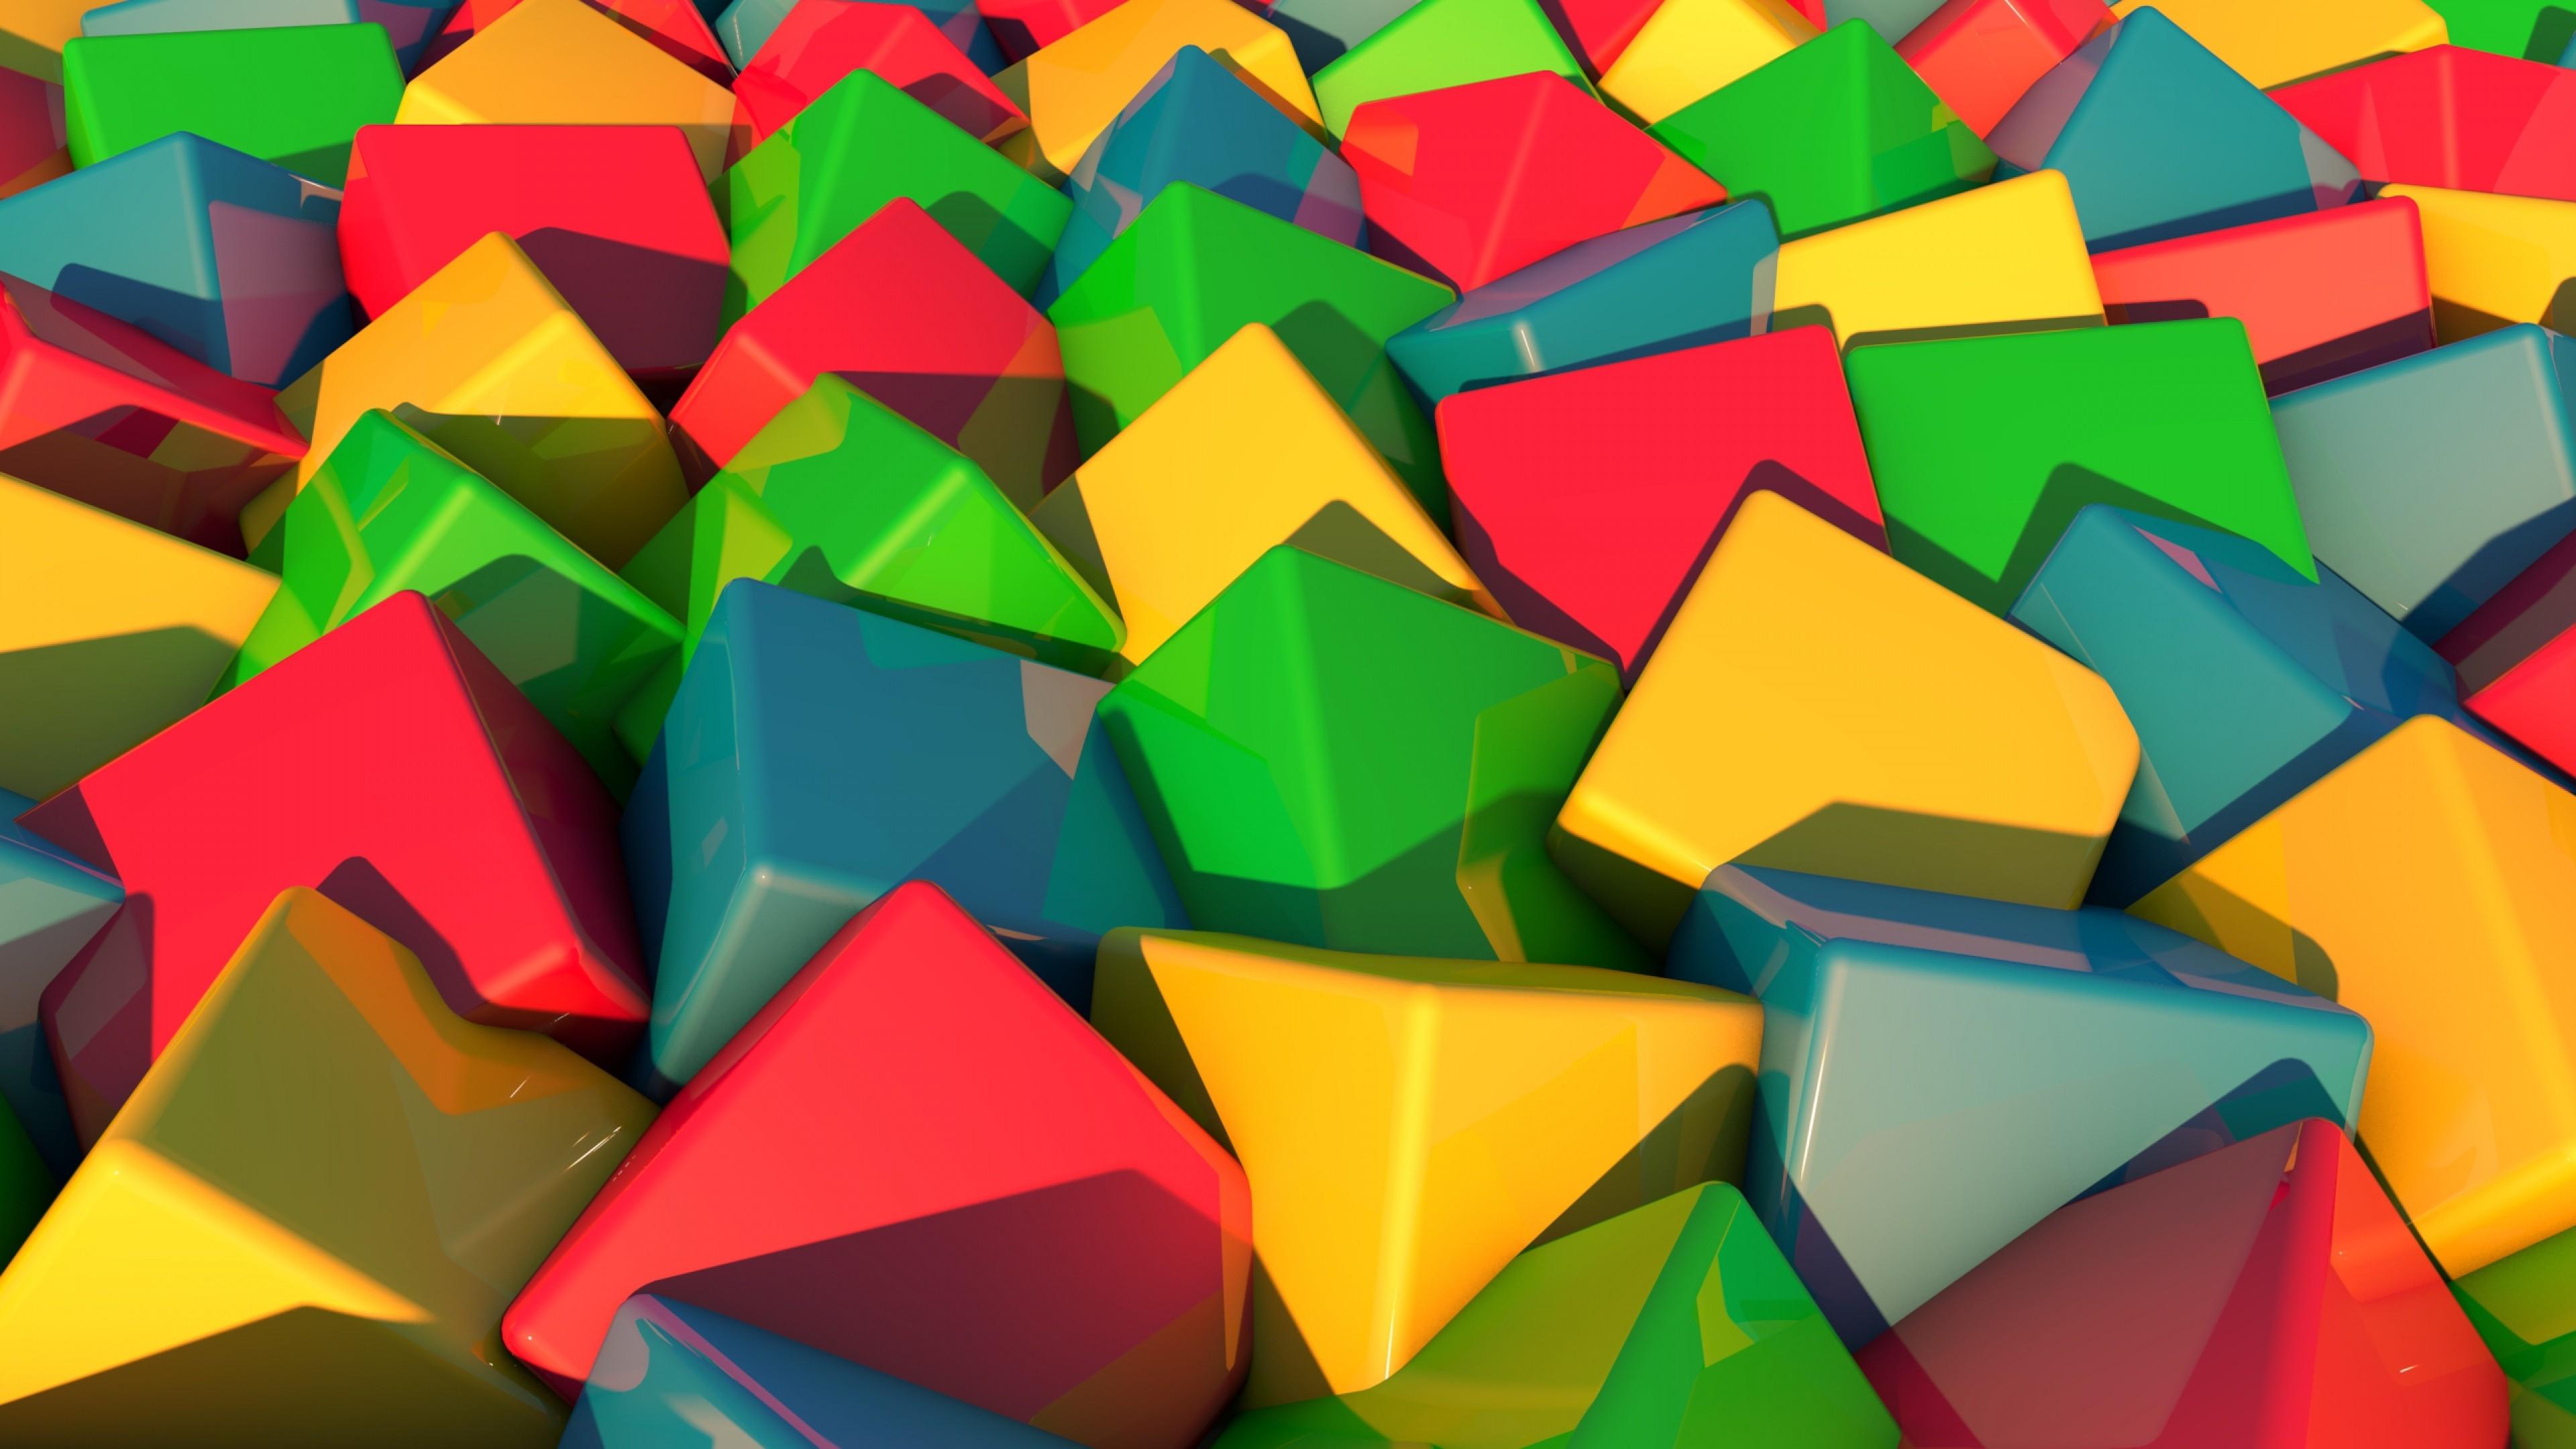 Wallpaper blocks, bright, multi-colored